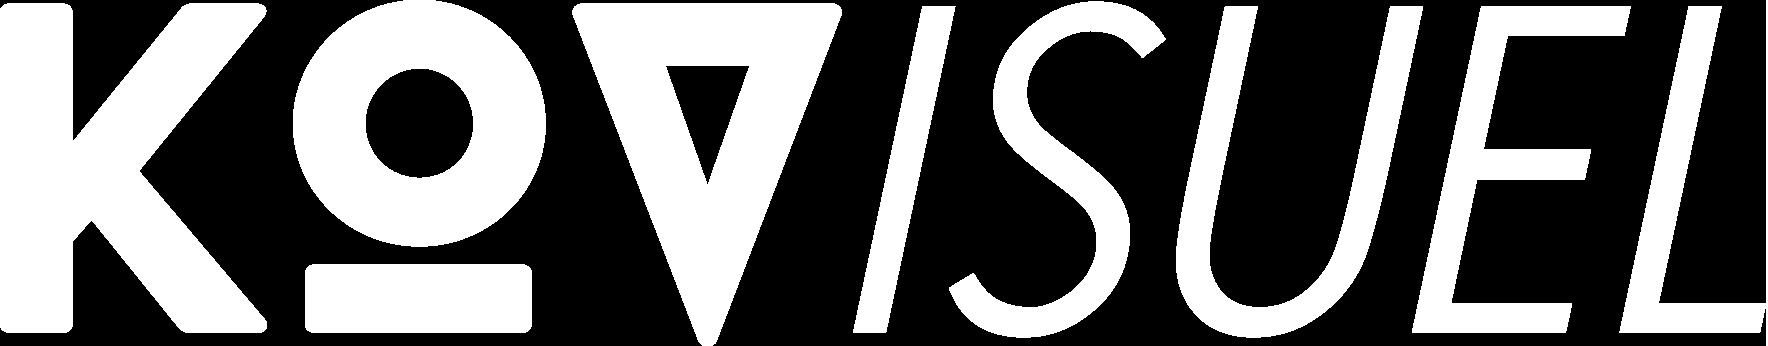 KOVisuel